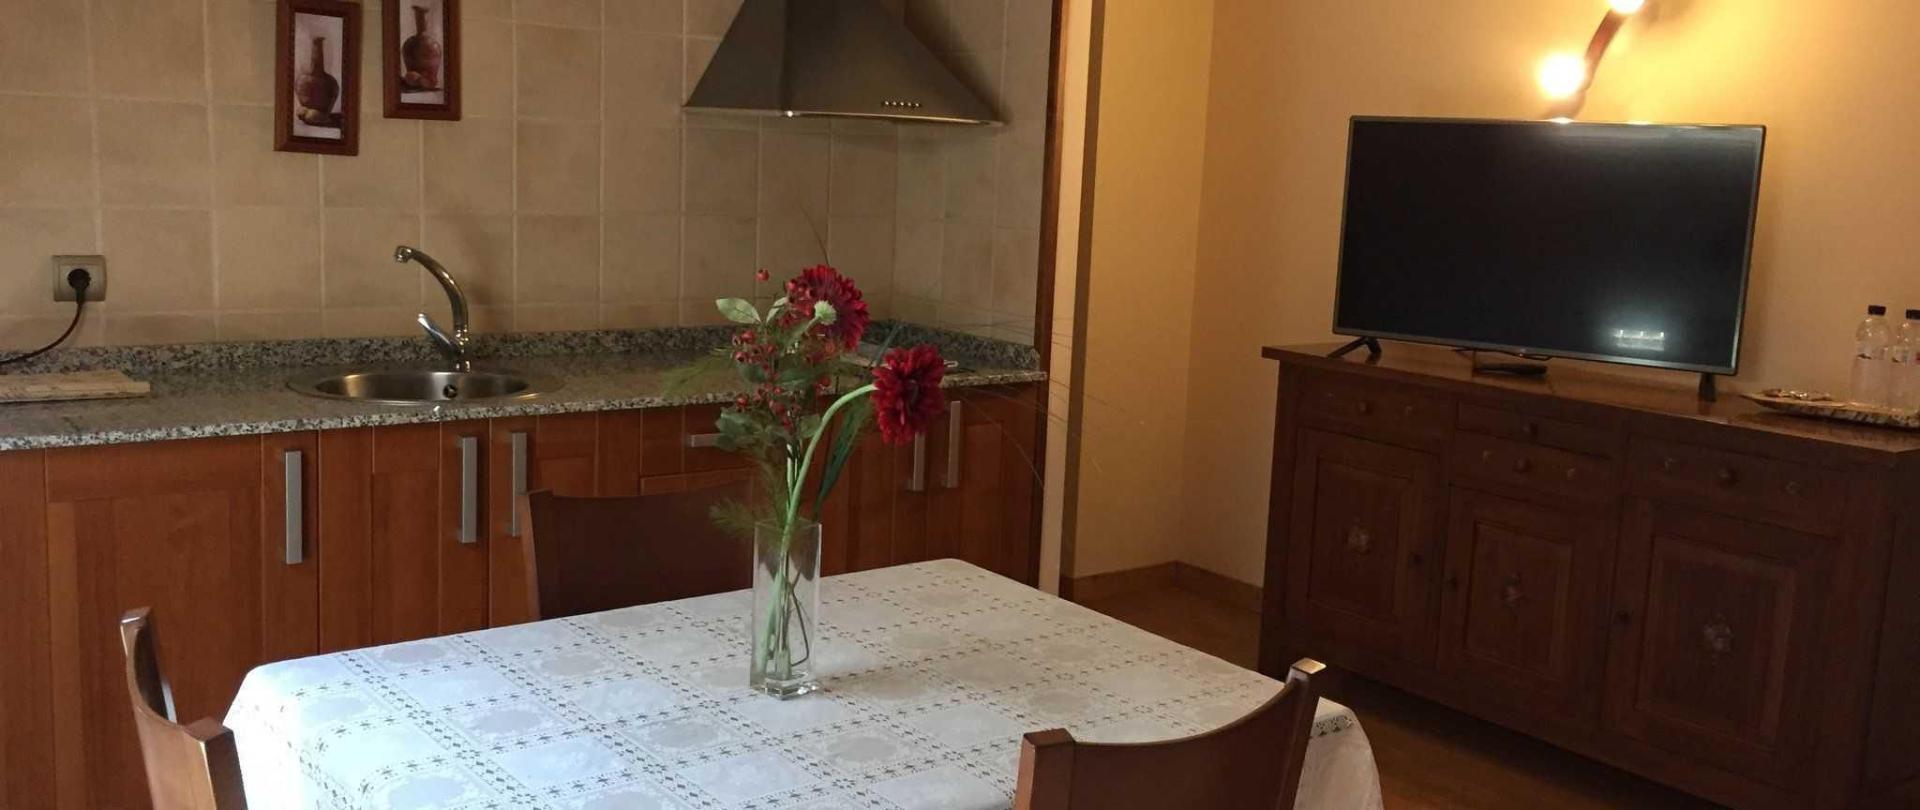 Cocina - salón atico 202